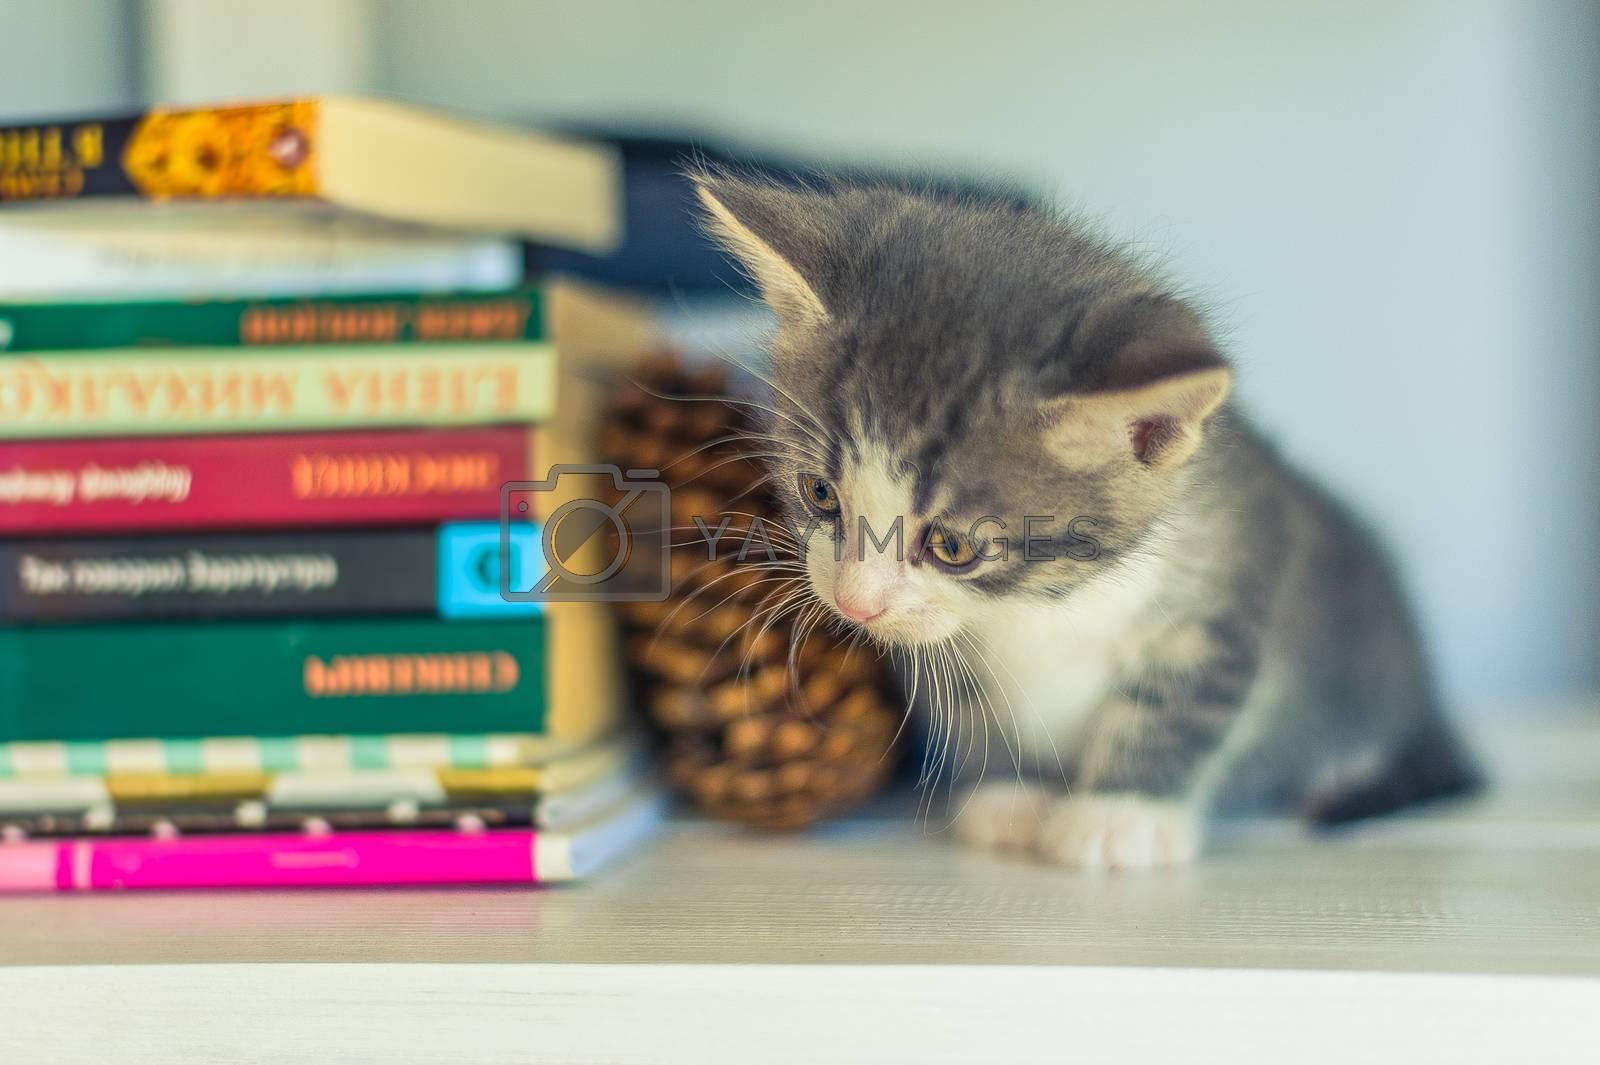 Gray kitten sitting on a white bookshelf near a fir cone